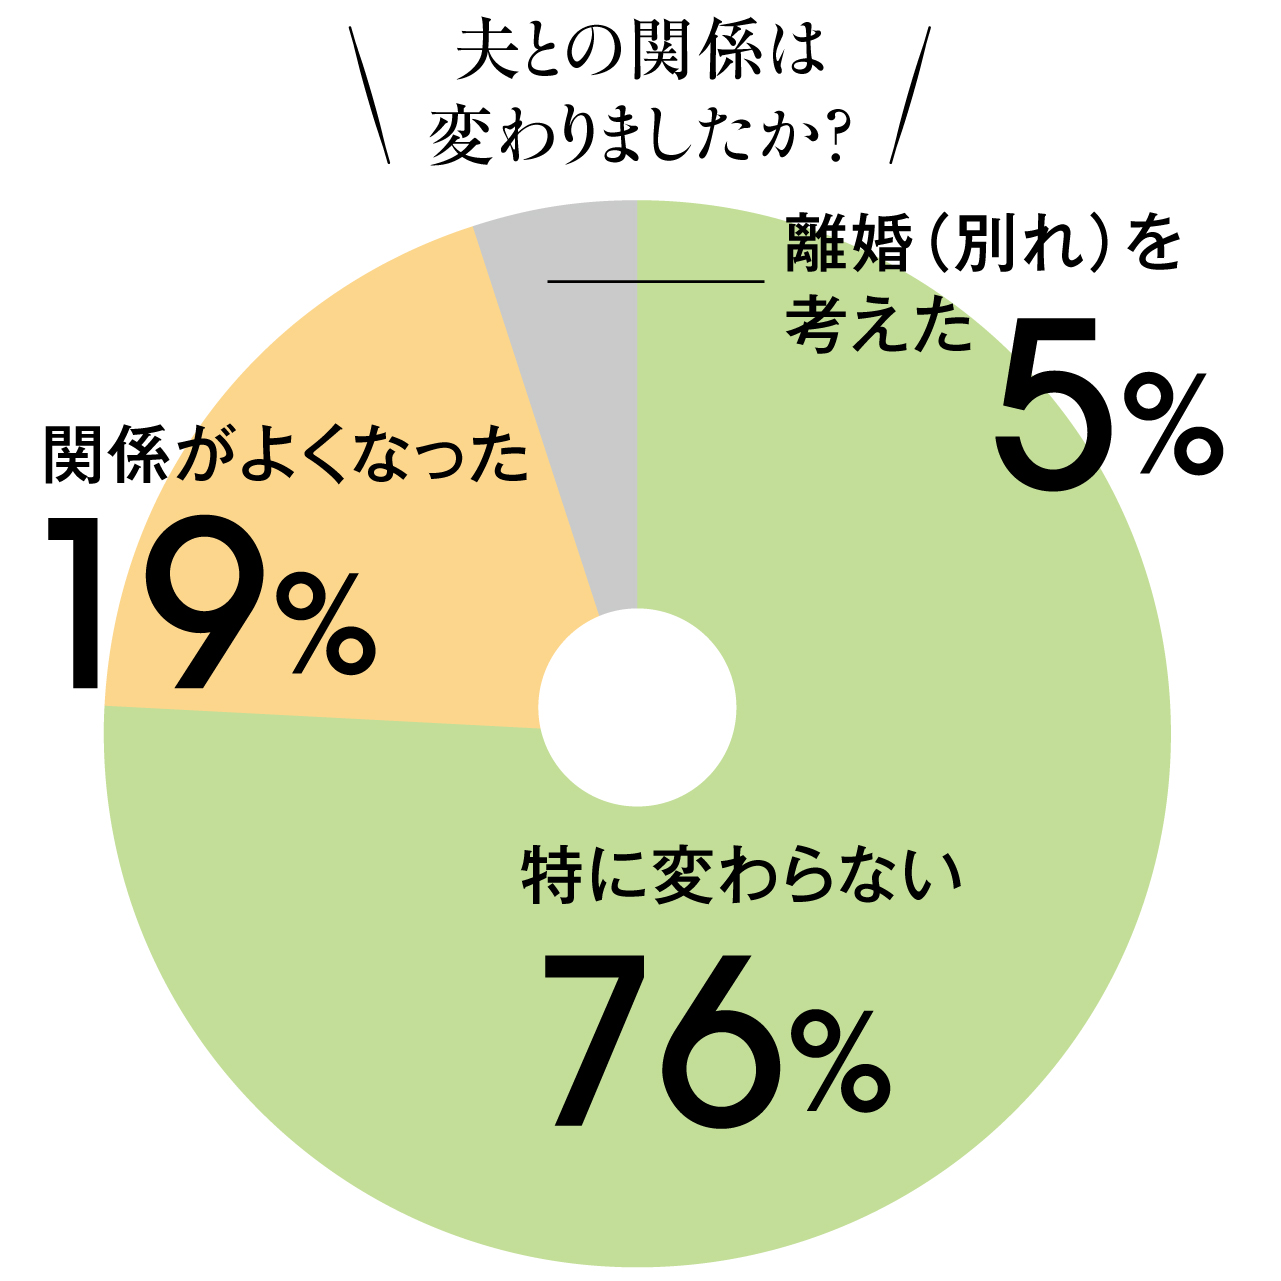 夫との関係は変わりましたか? 特に変わらない 76% 関係がよくなった 19% 離婚(別れ)を考えた 5%